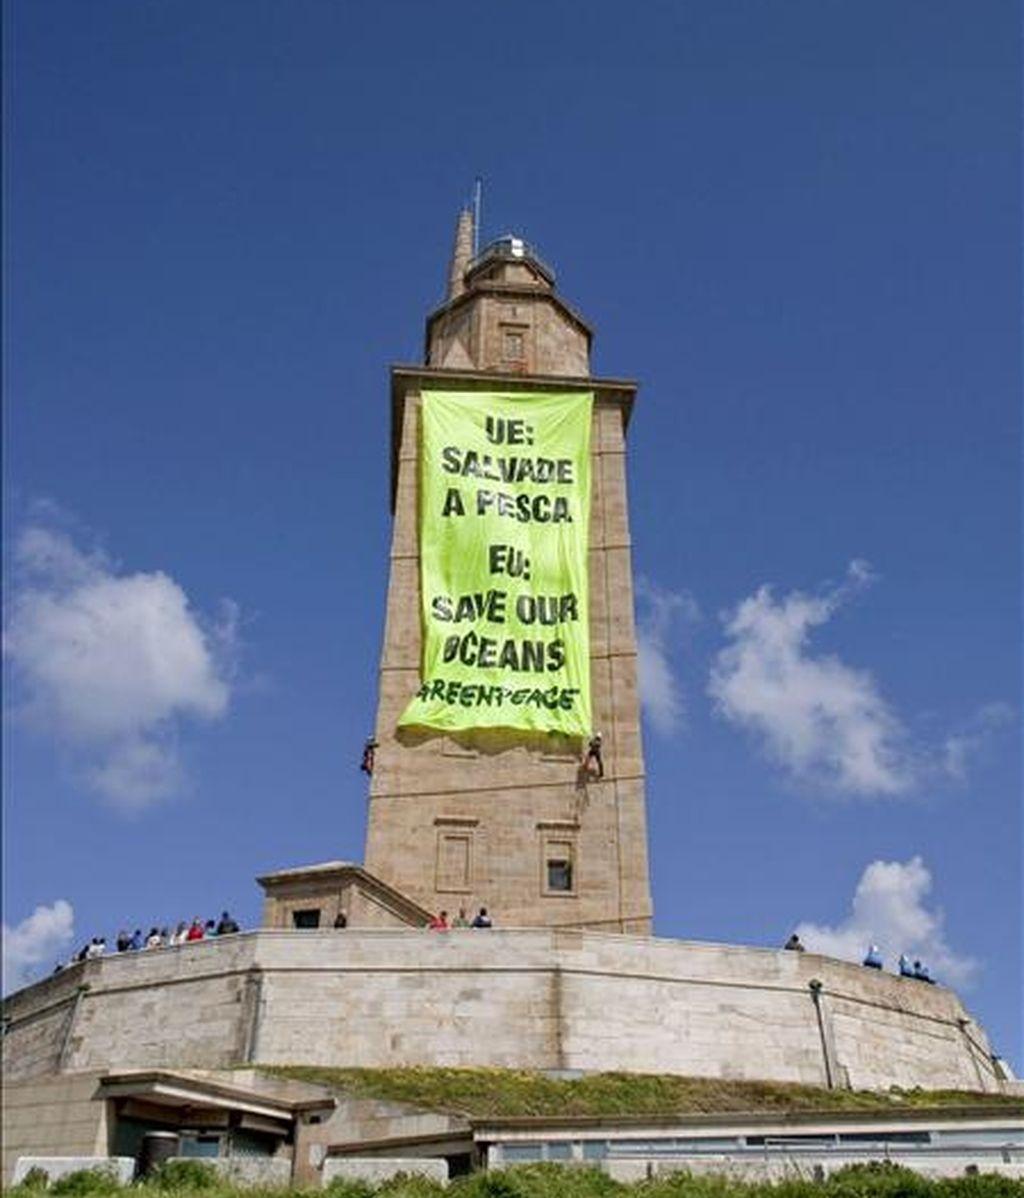 """Miembros de la organización ecologista Greenpeace han desplegado esta mañana en la Torre de Hércules de A Coruña, monumento romano declarado recientemente Patrimonio de la Humanidad, una pancarta de unos 200 metros cuadrados donde se podía leer el mensaje """"UE: Salvad la pesca"""". EFE"""